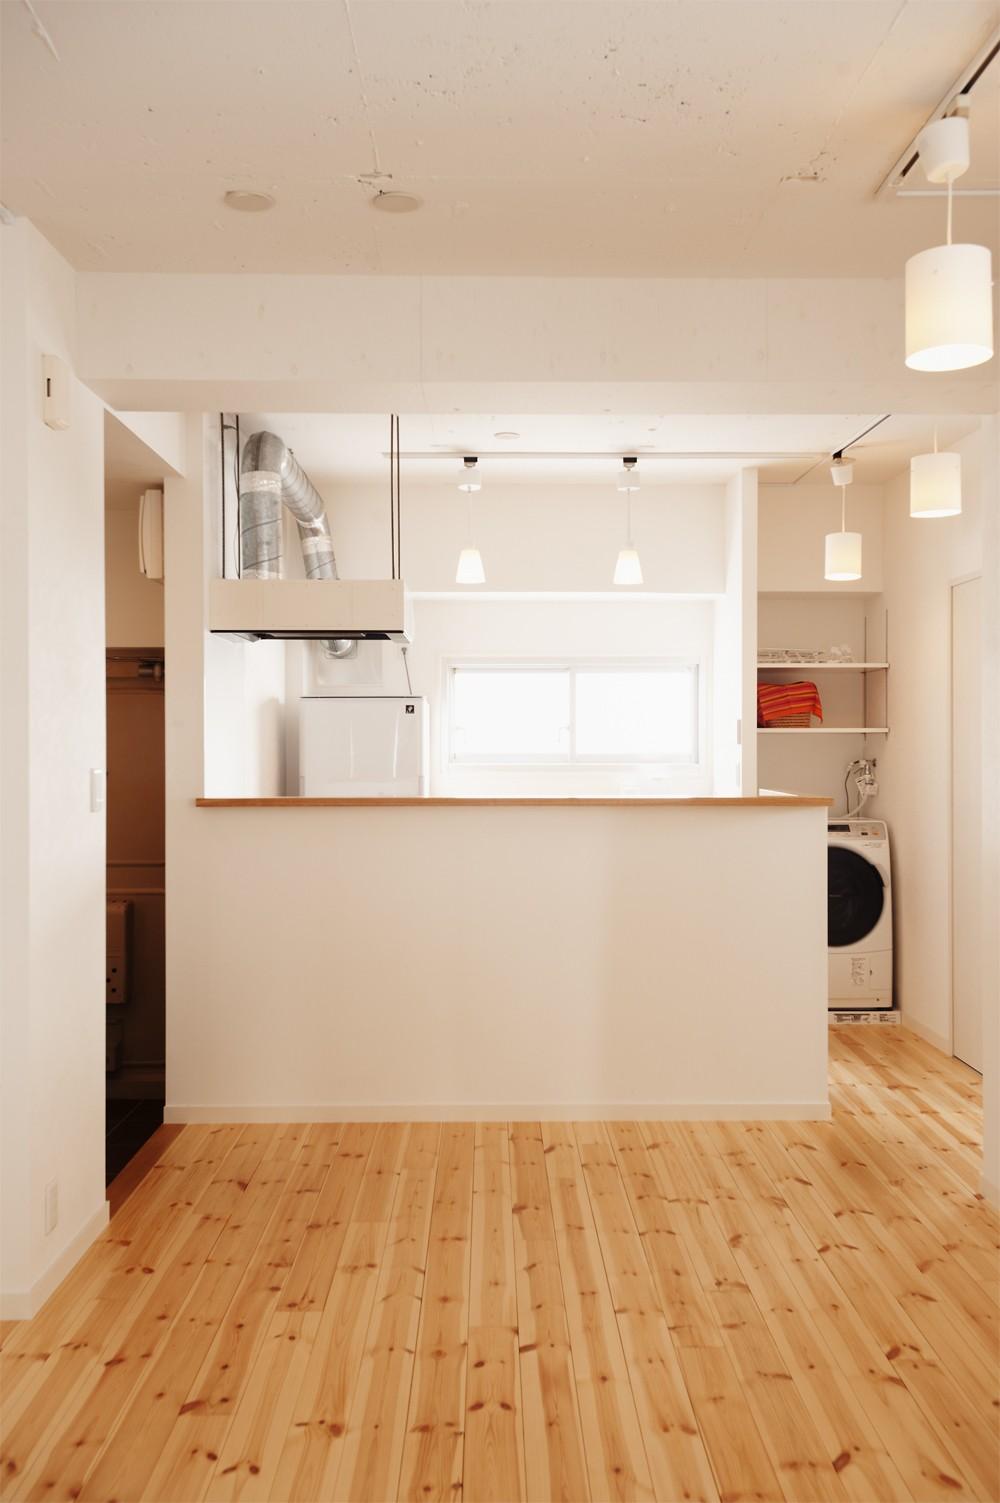 キッチン事例:キッチン(自分らしい自分だけの空間を手に入れる)